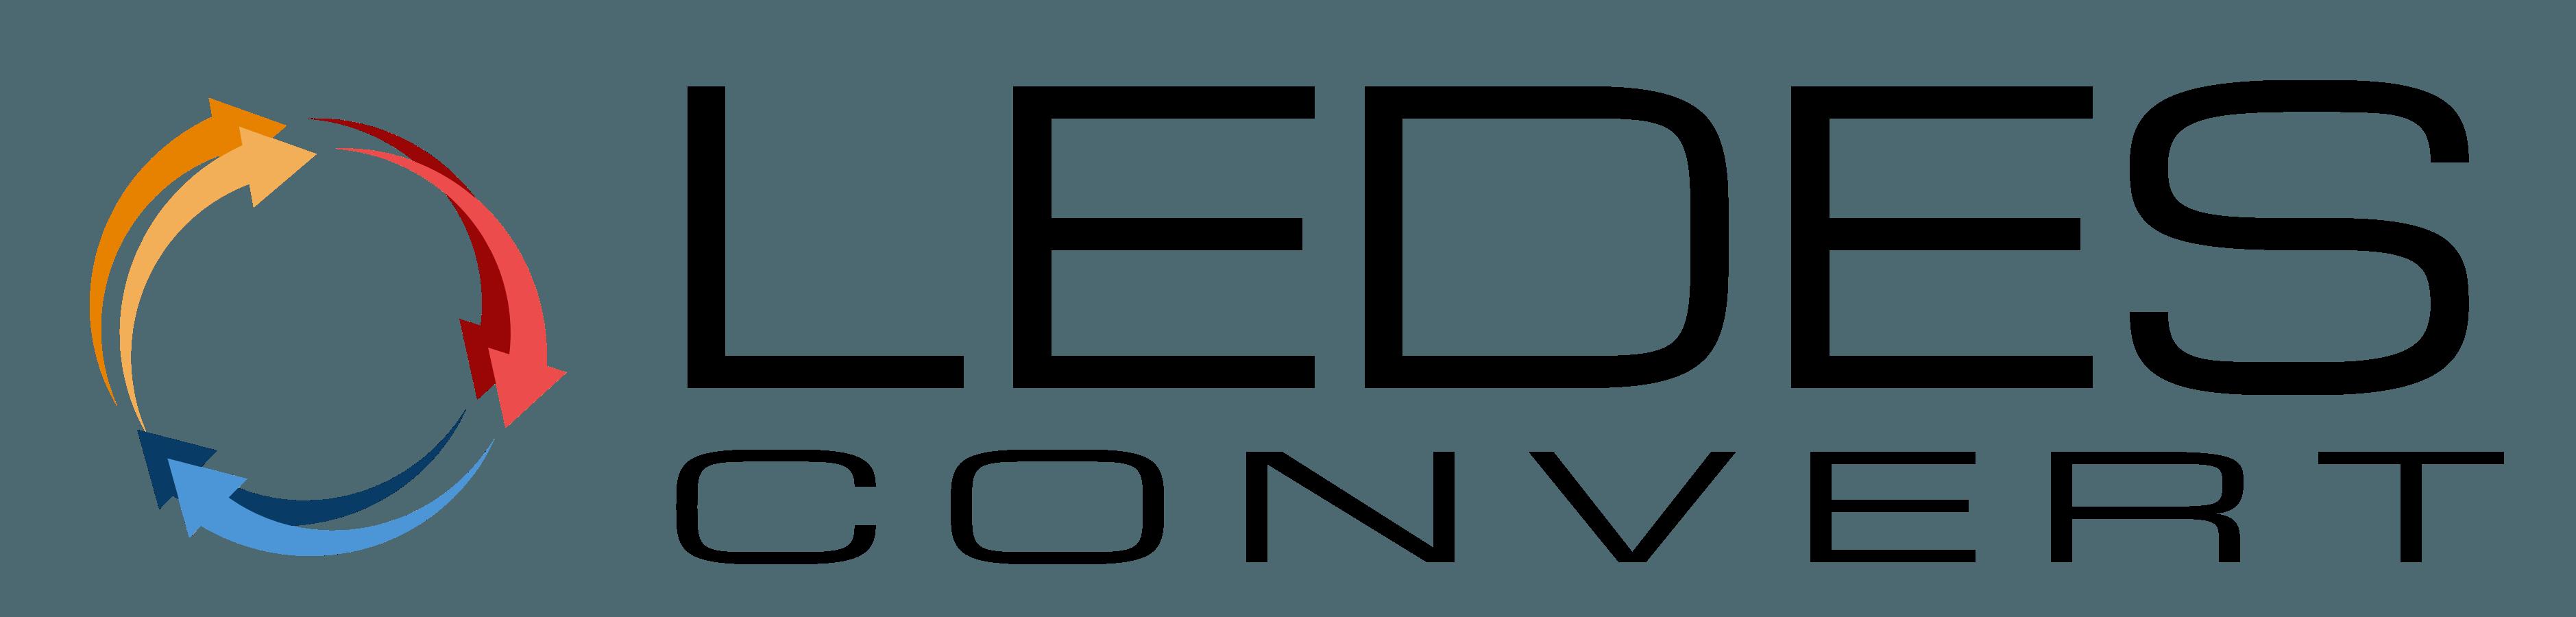 Ledes Format Converter Timeslips | Ledes 1998b to 2000